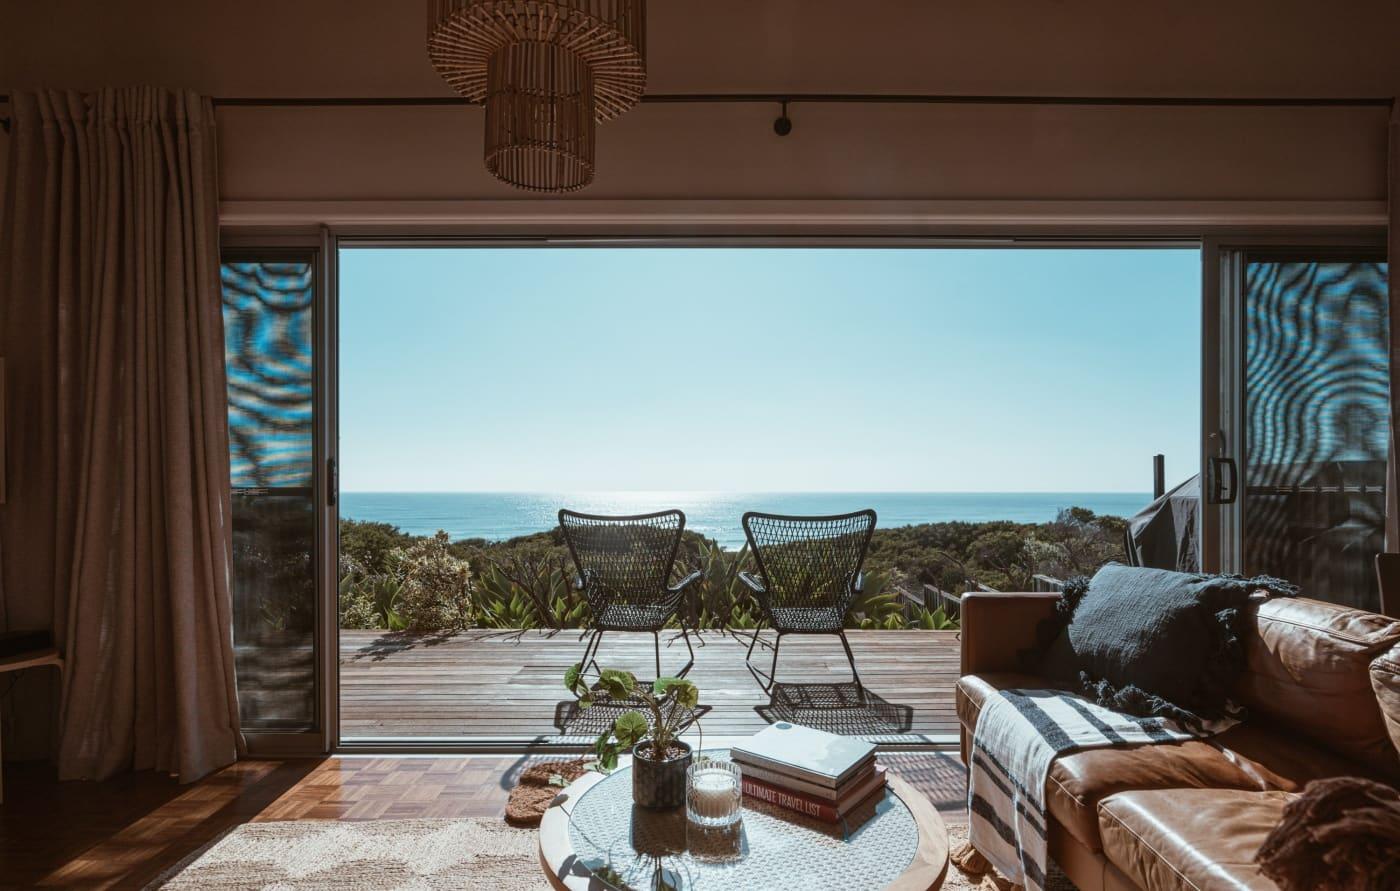 Location saisonnière : comment aménager son Airbnb en bord de mer ?